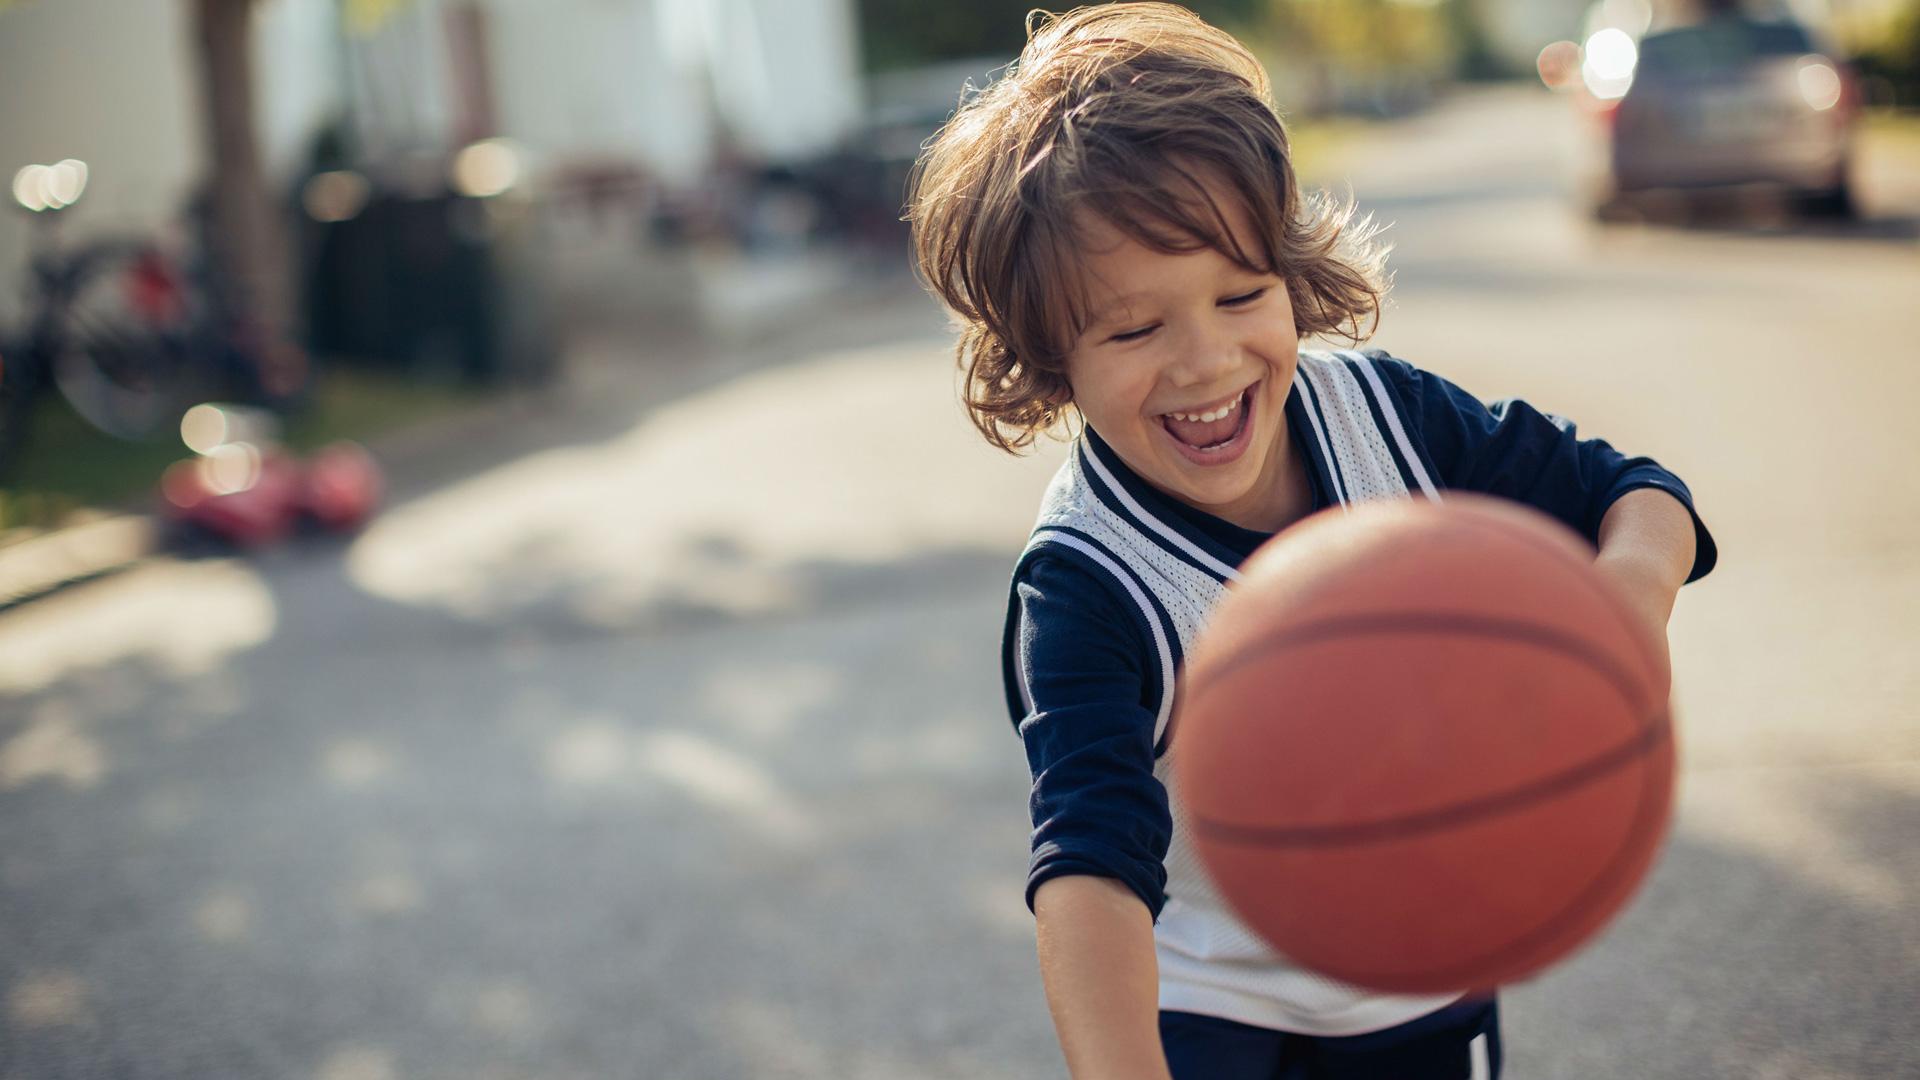 Boy-bouncing-basketball-outside